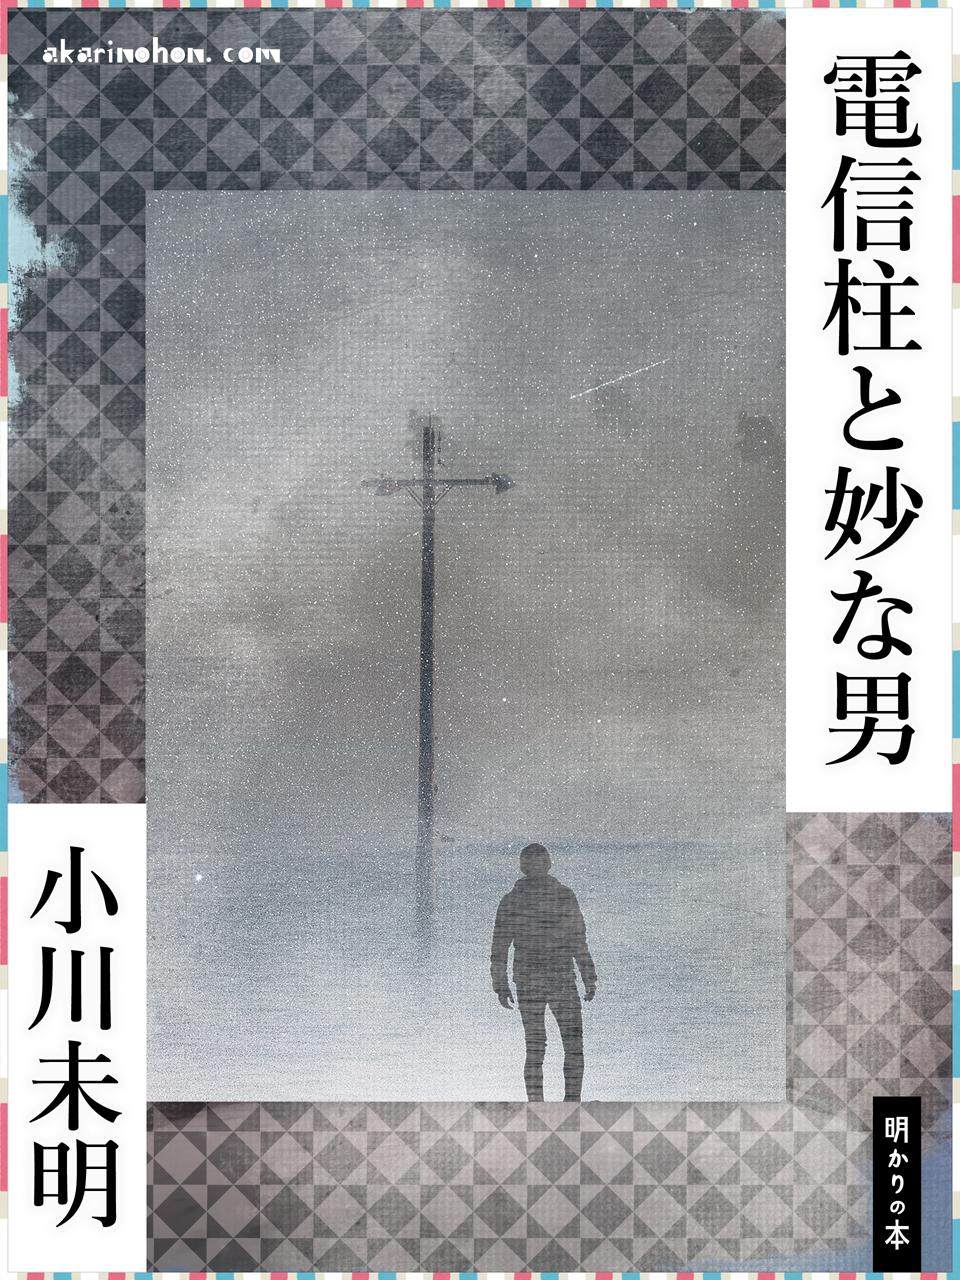 0000 - 電信柱と妙な男 小川未明